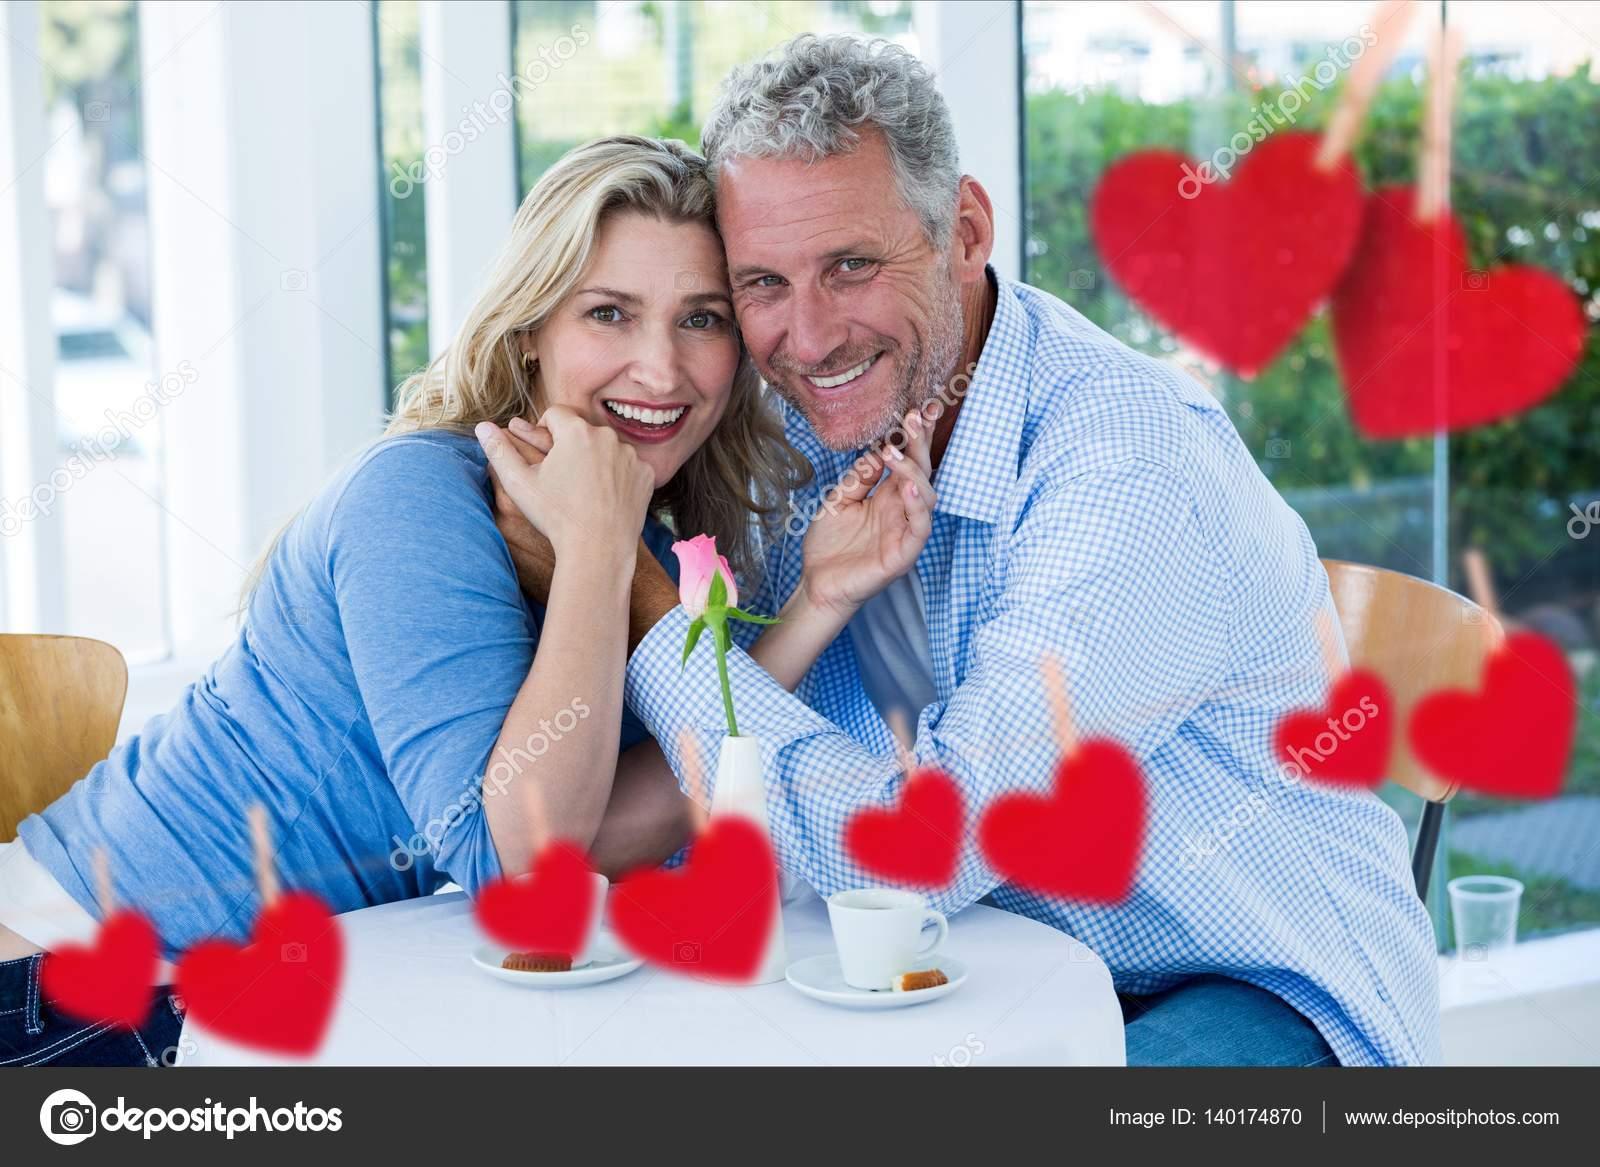 είναι ομοιόμορφη dating com δωρεάν